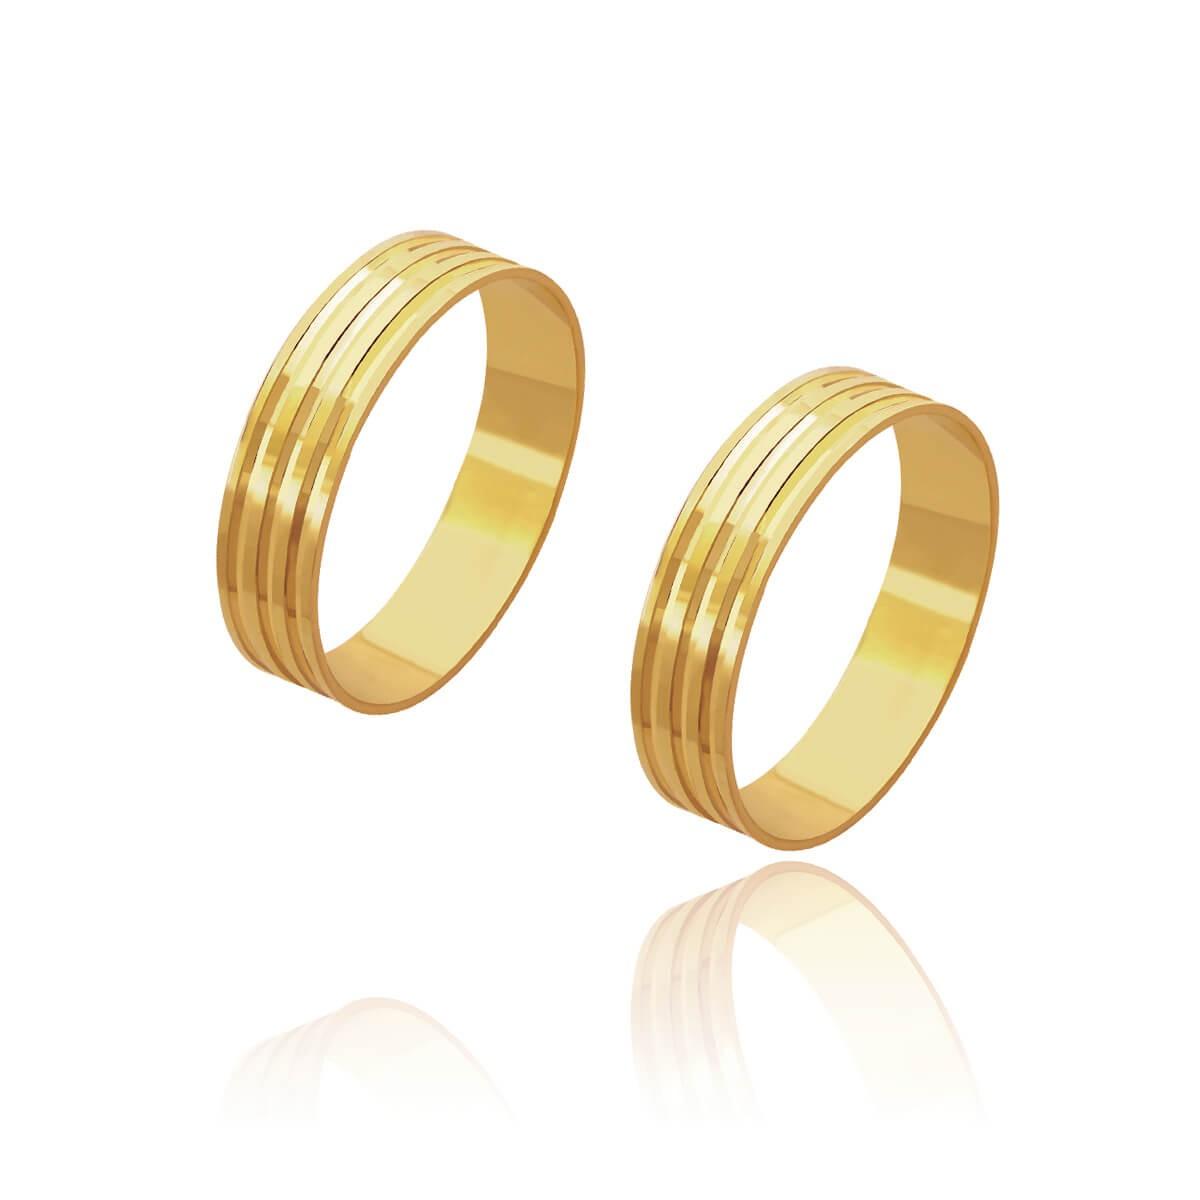 Par de Alianças de Casamento Cronos Ouro 18k 3 Frisos Centrais 5mm 4g